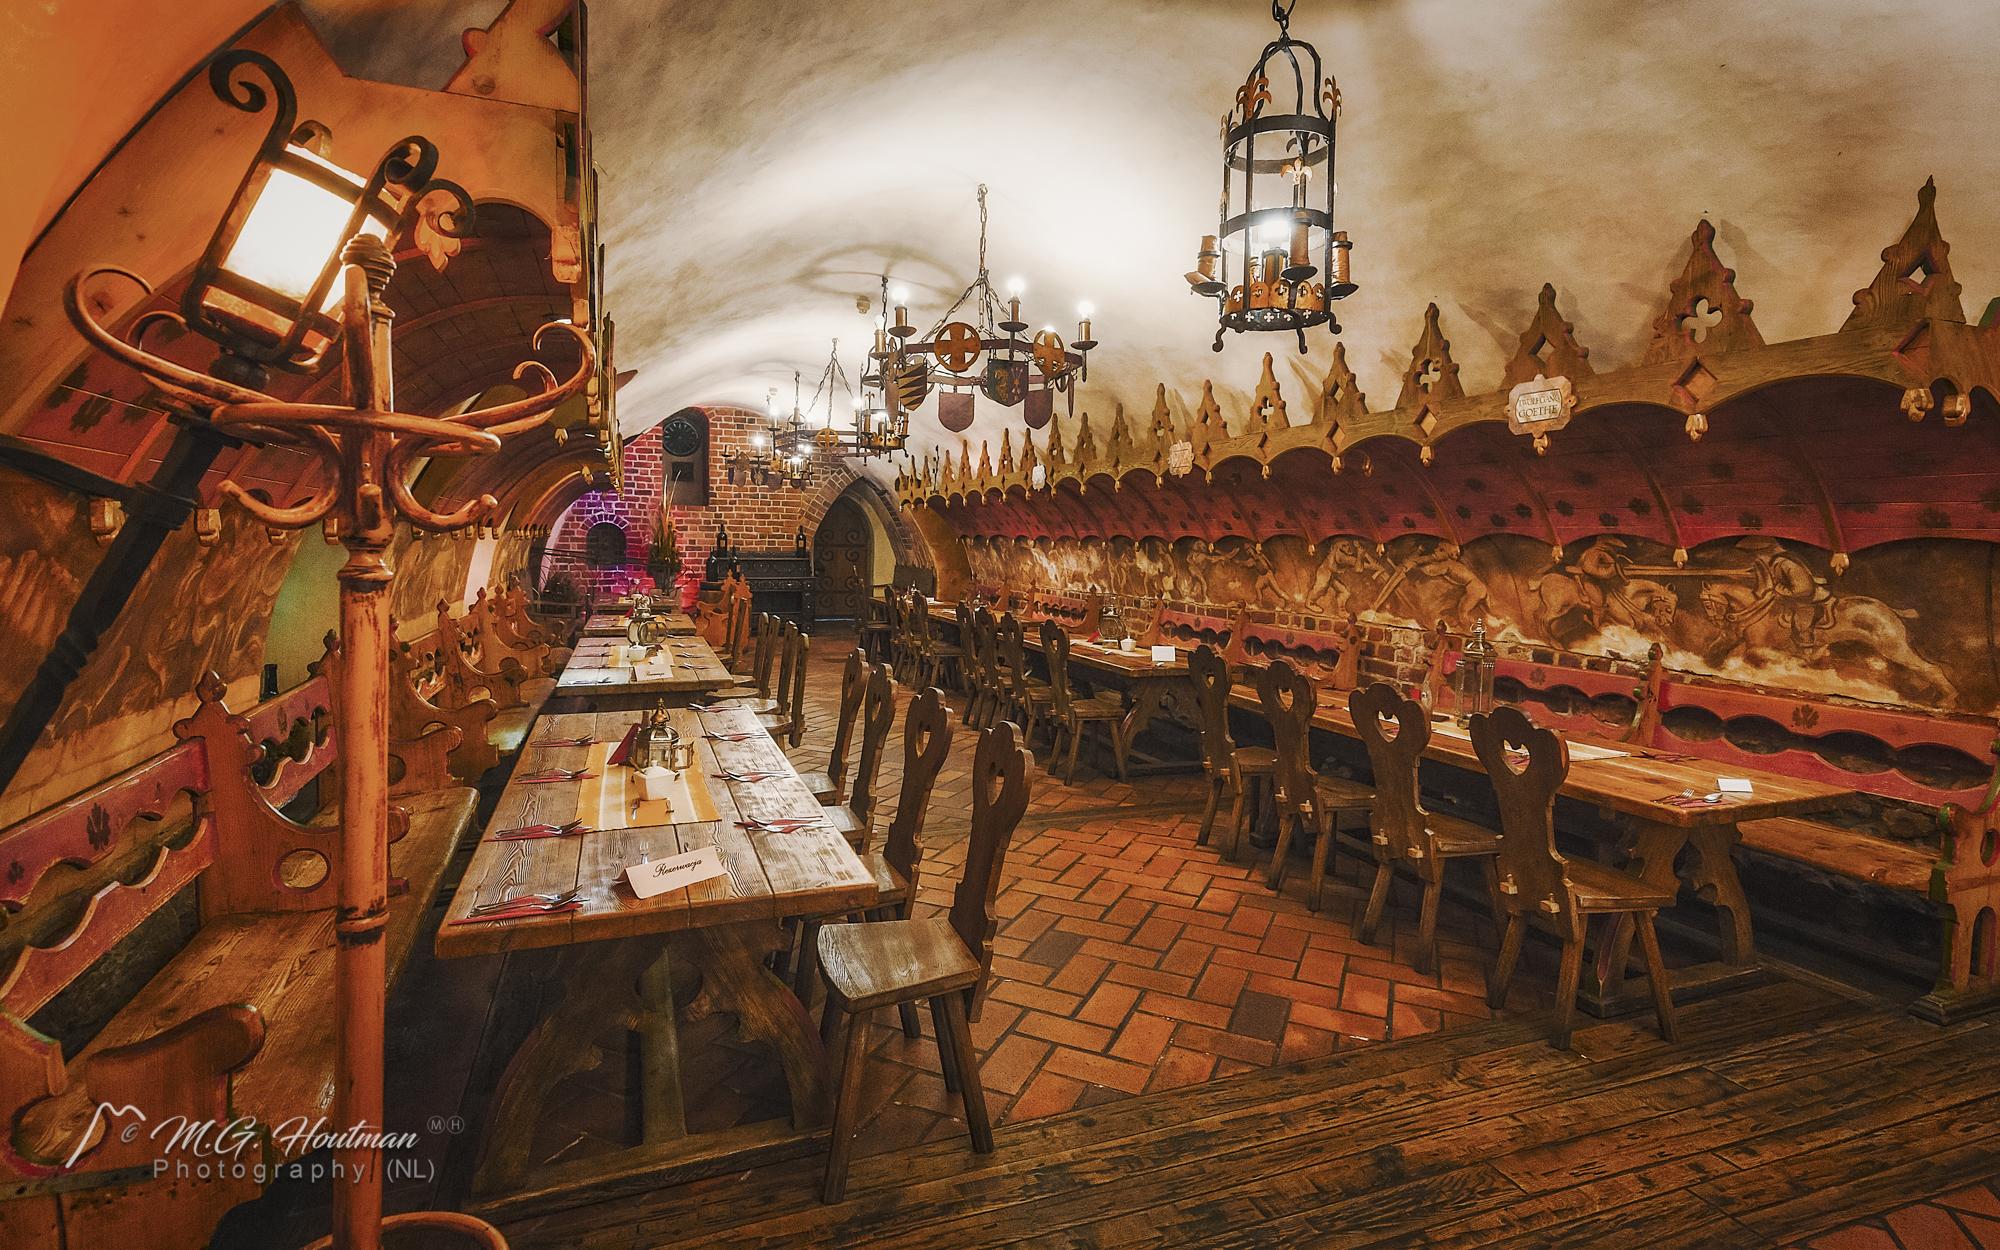 Restauracja Piwnica Świdnicka op Rynek Ratusz - Wroclaw